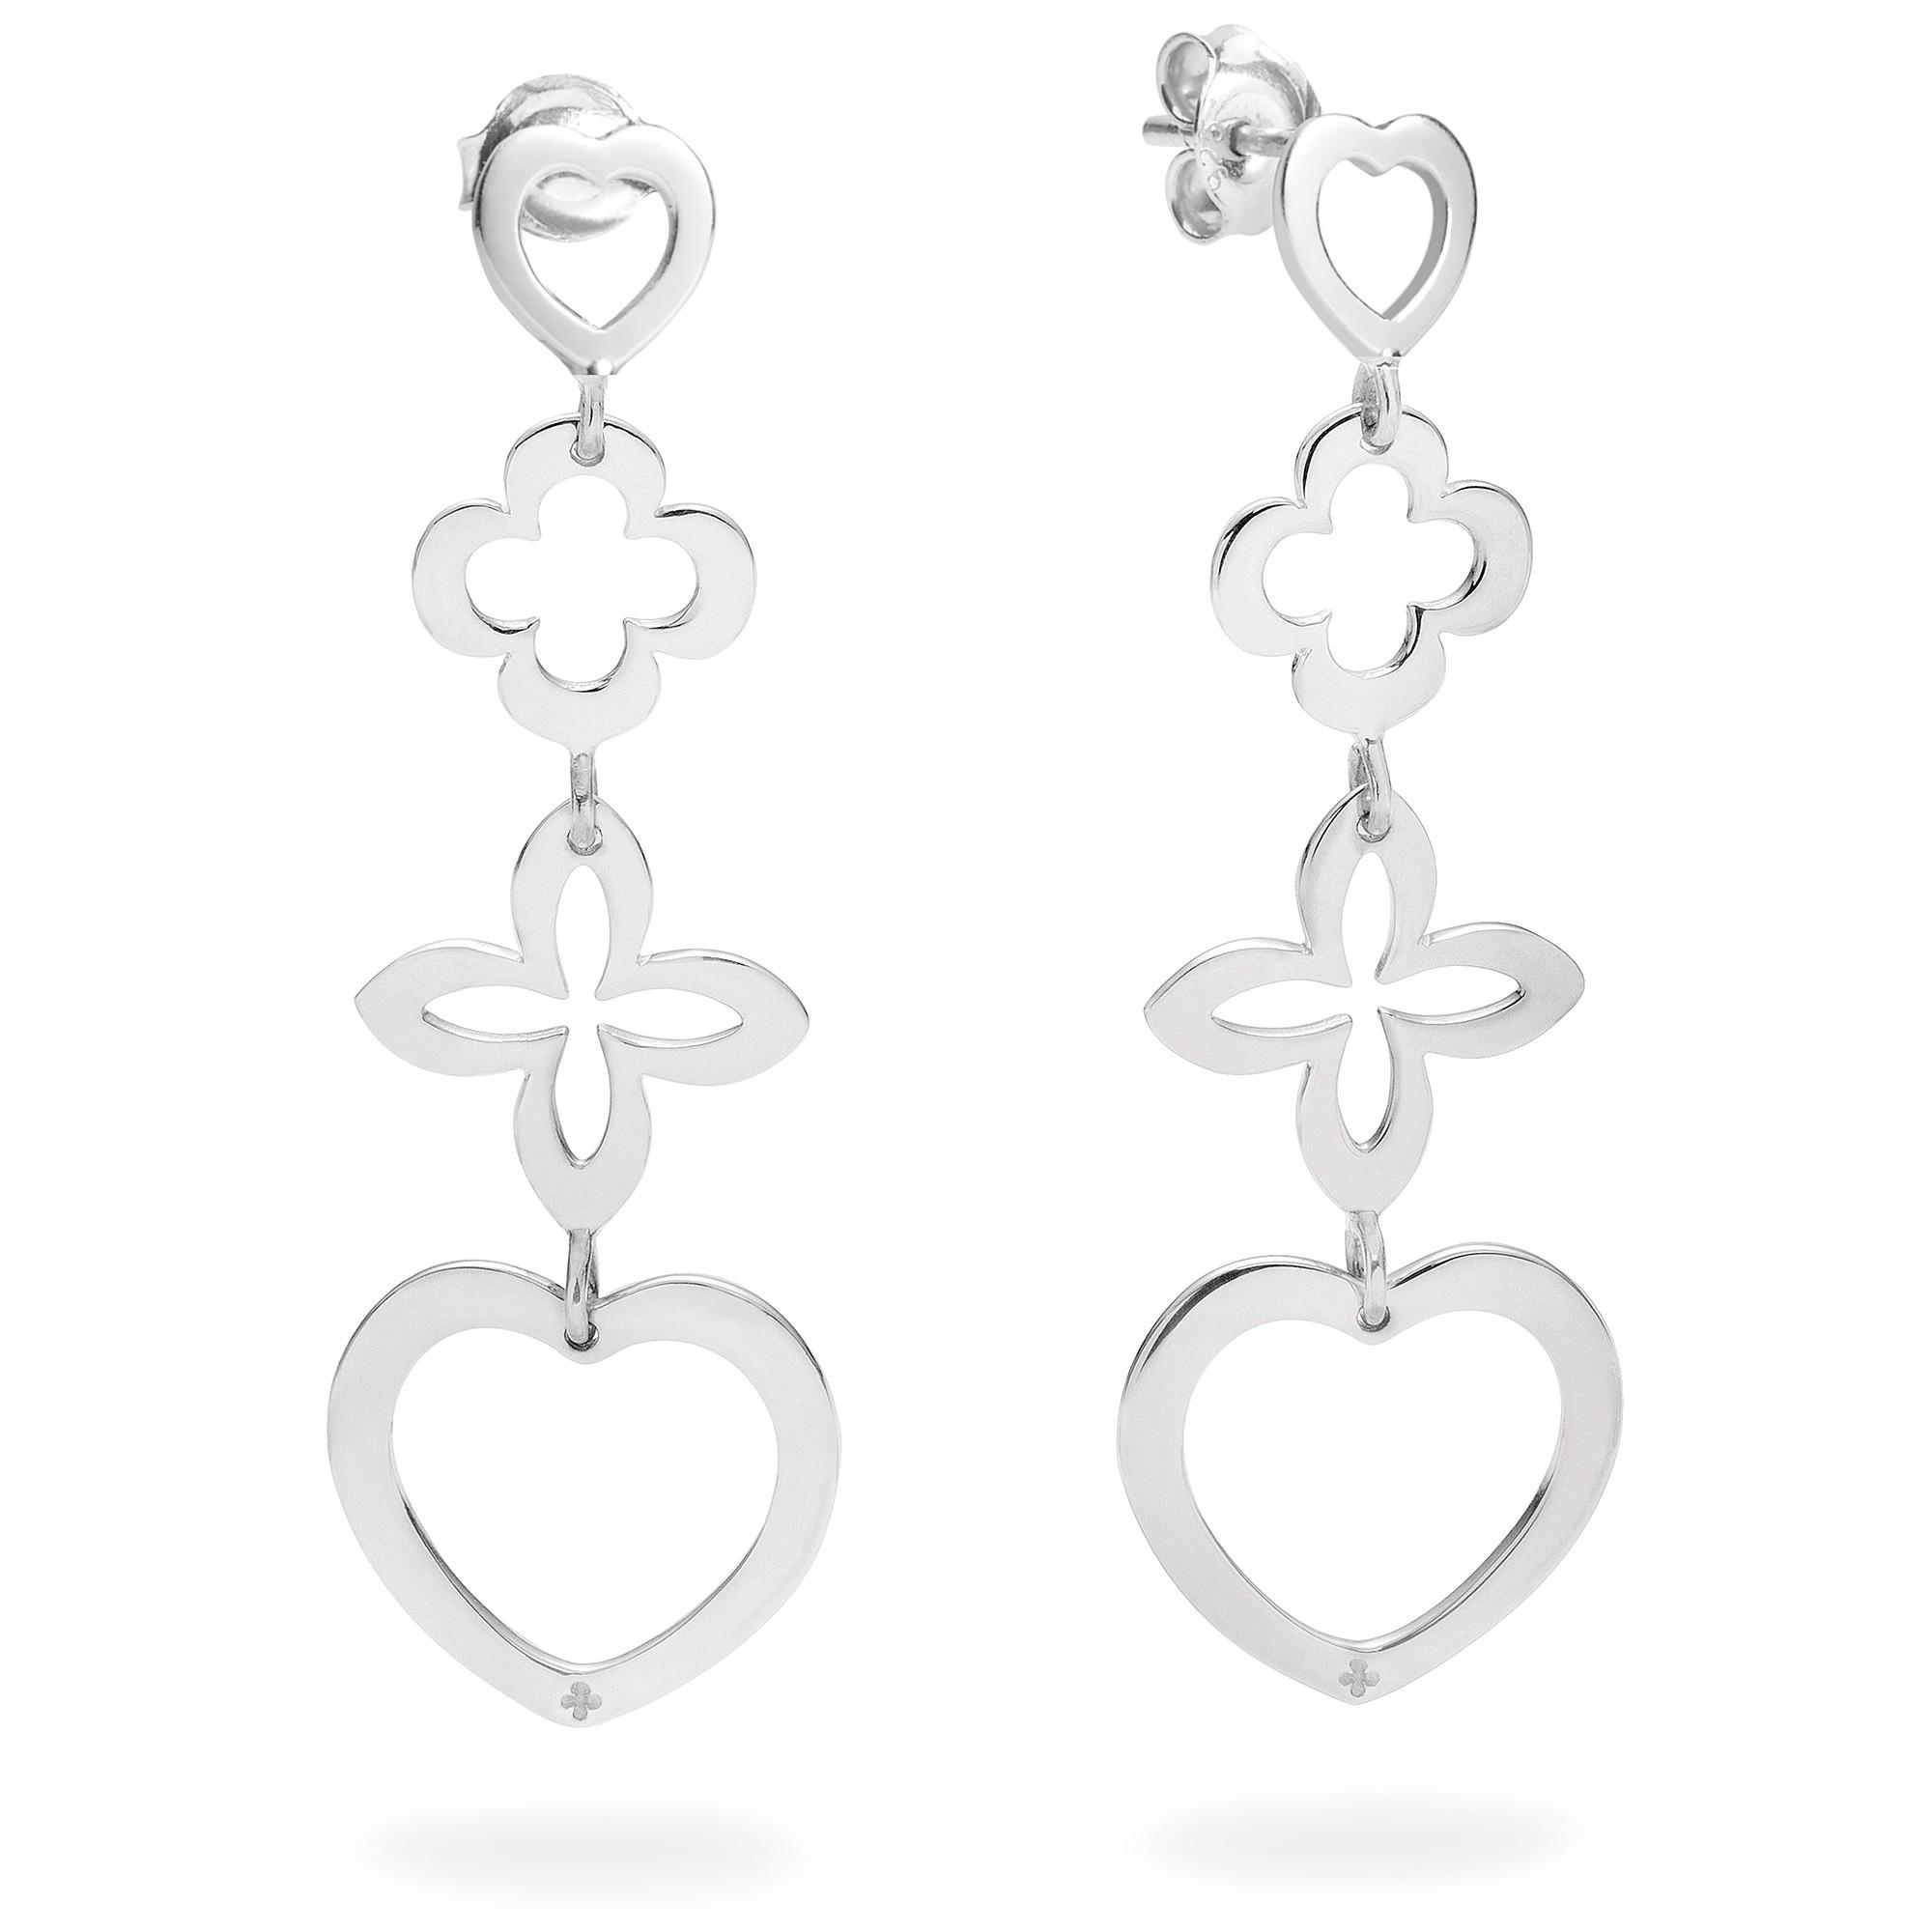 Boucles d'oreilles ajourées 4 éléments cœur argent